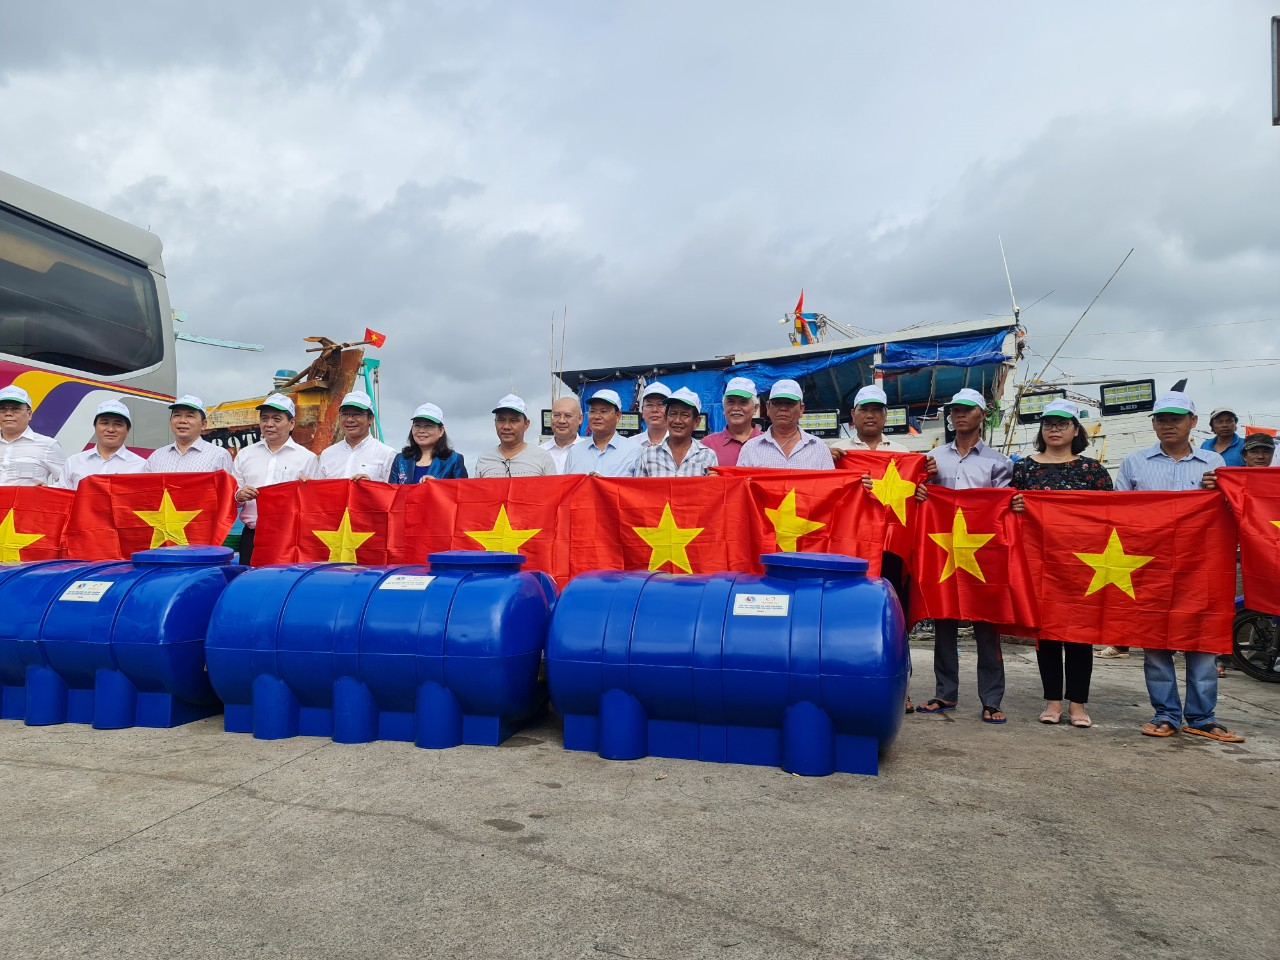 Tân Á Đại Thành đồng hành với ngư dân vươn khơi, bám biển vì môi trường